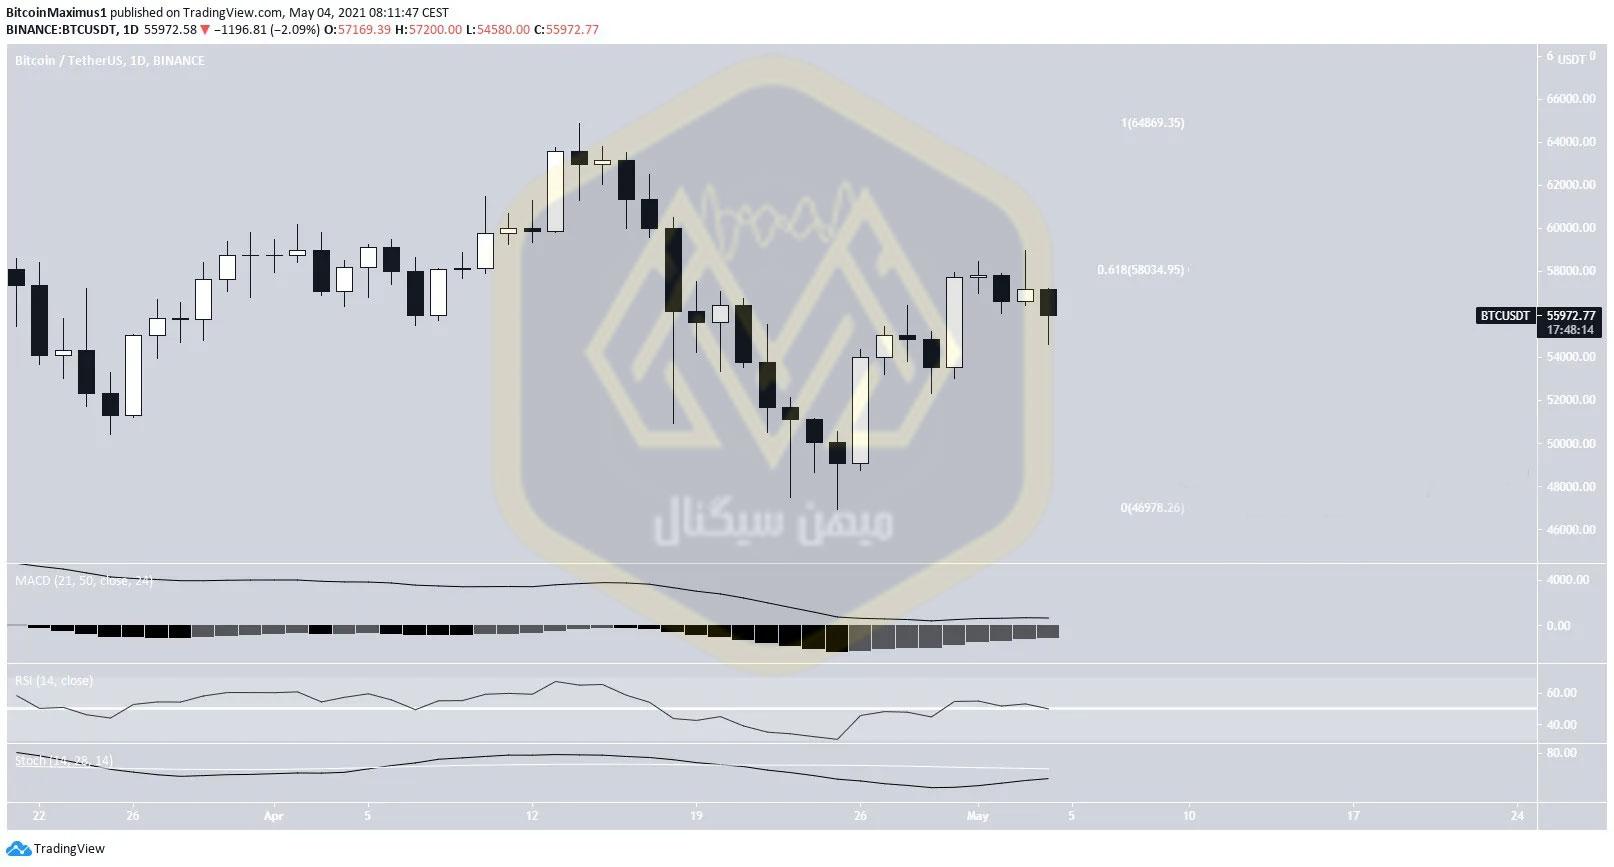 نمودار یک روزه قیمت بیت کوین / تتر